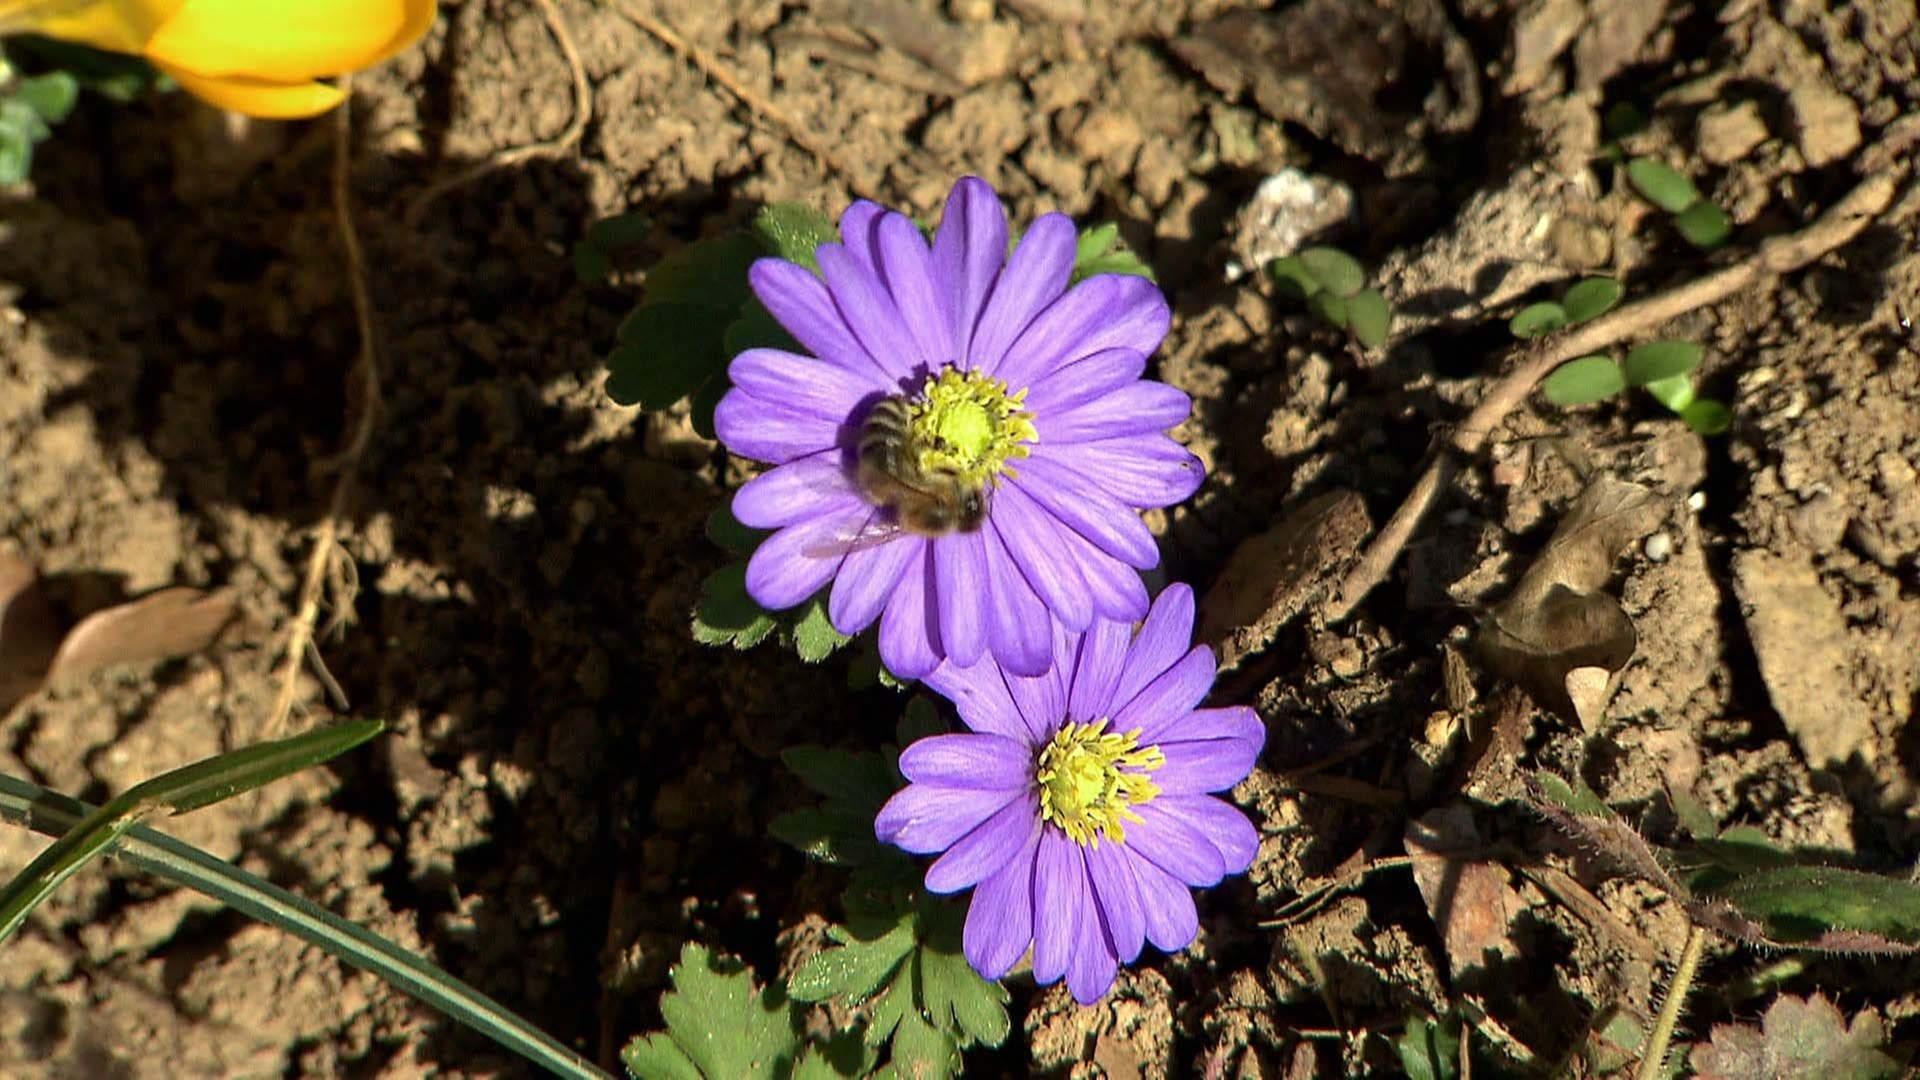 Im April Kommen Das Gemuse Und Die Blumen Ins Beet Landesschau Rheinland Pfalz Swr Fernsehen